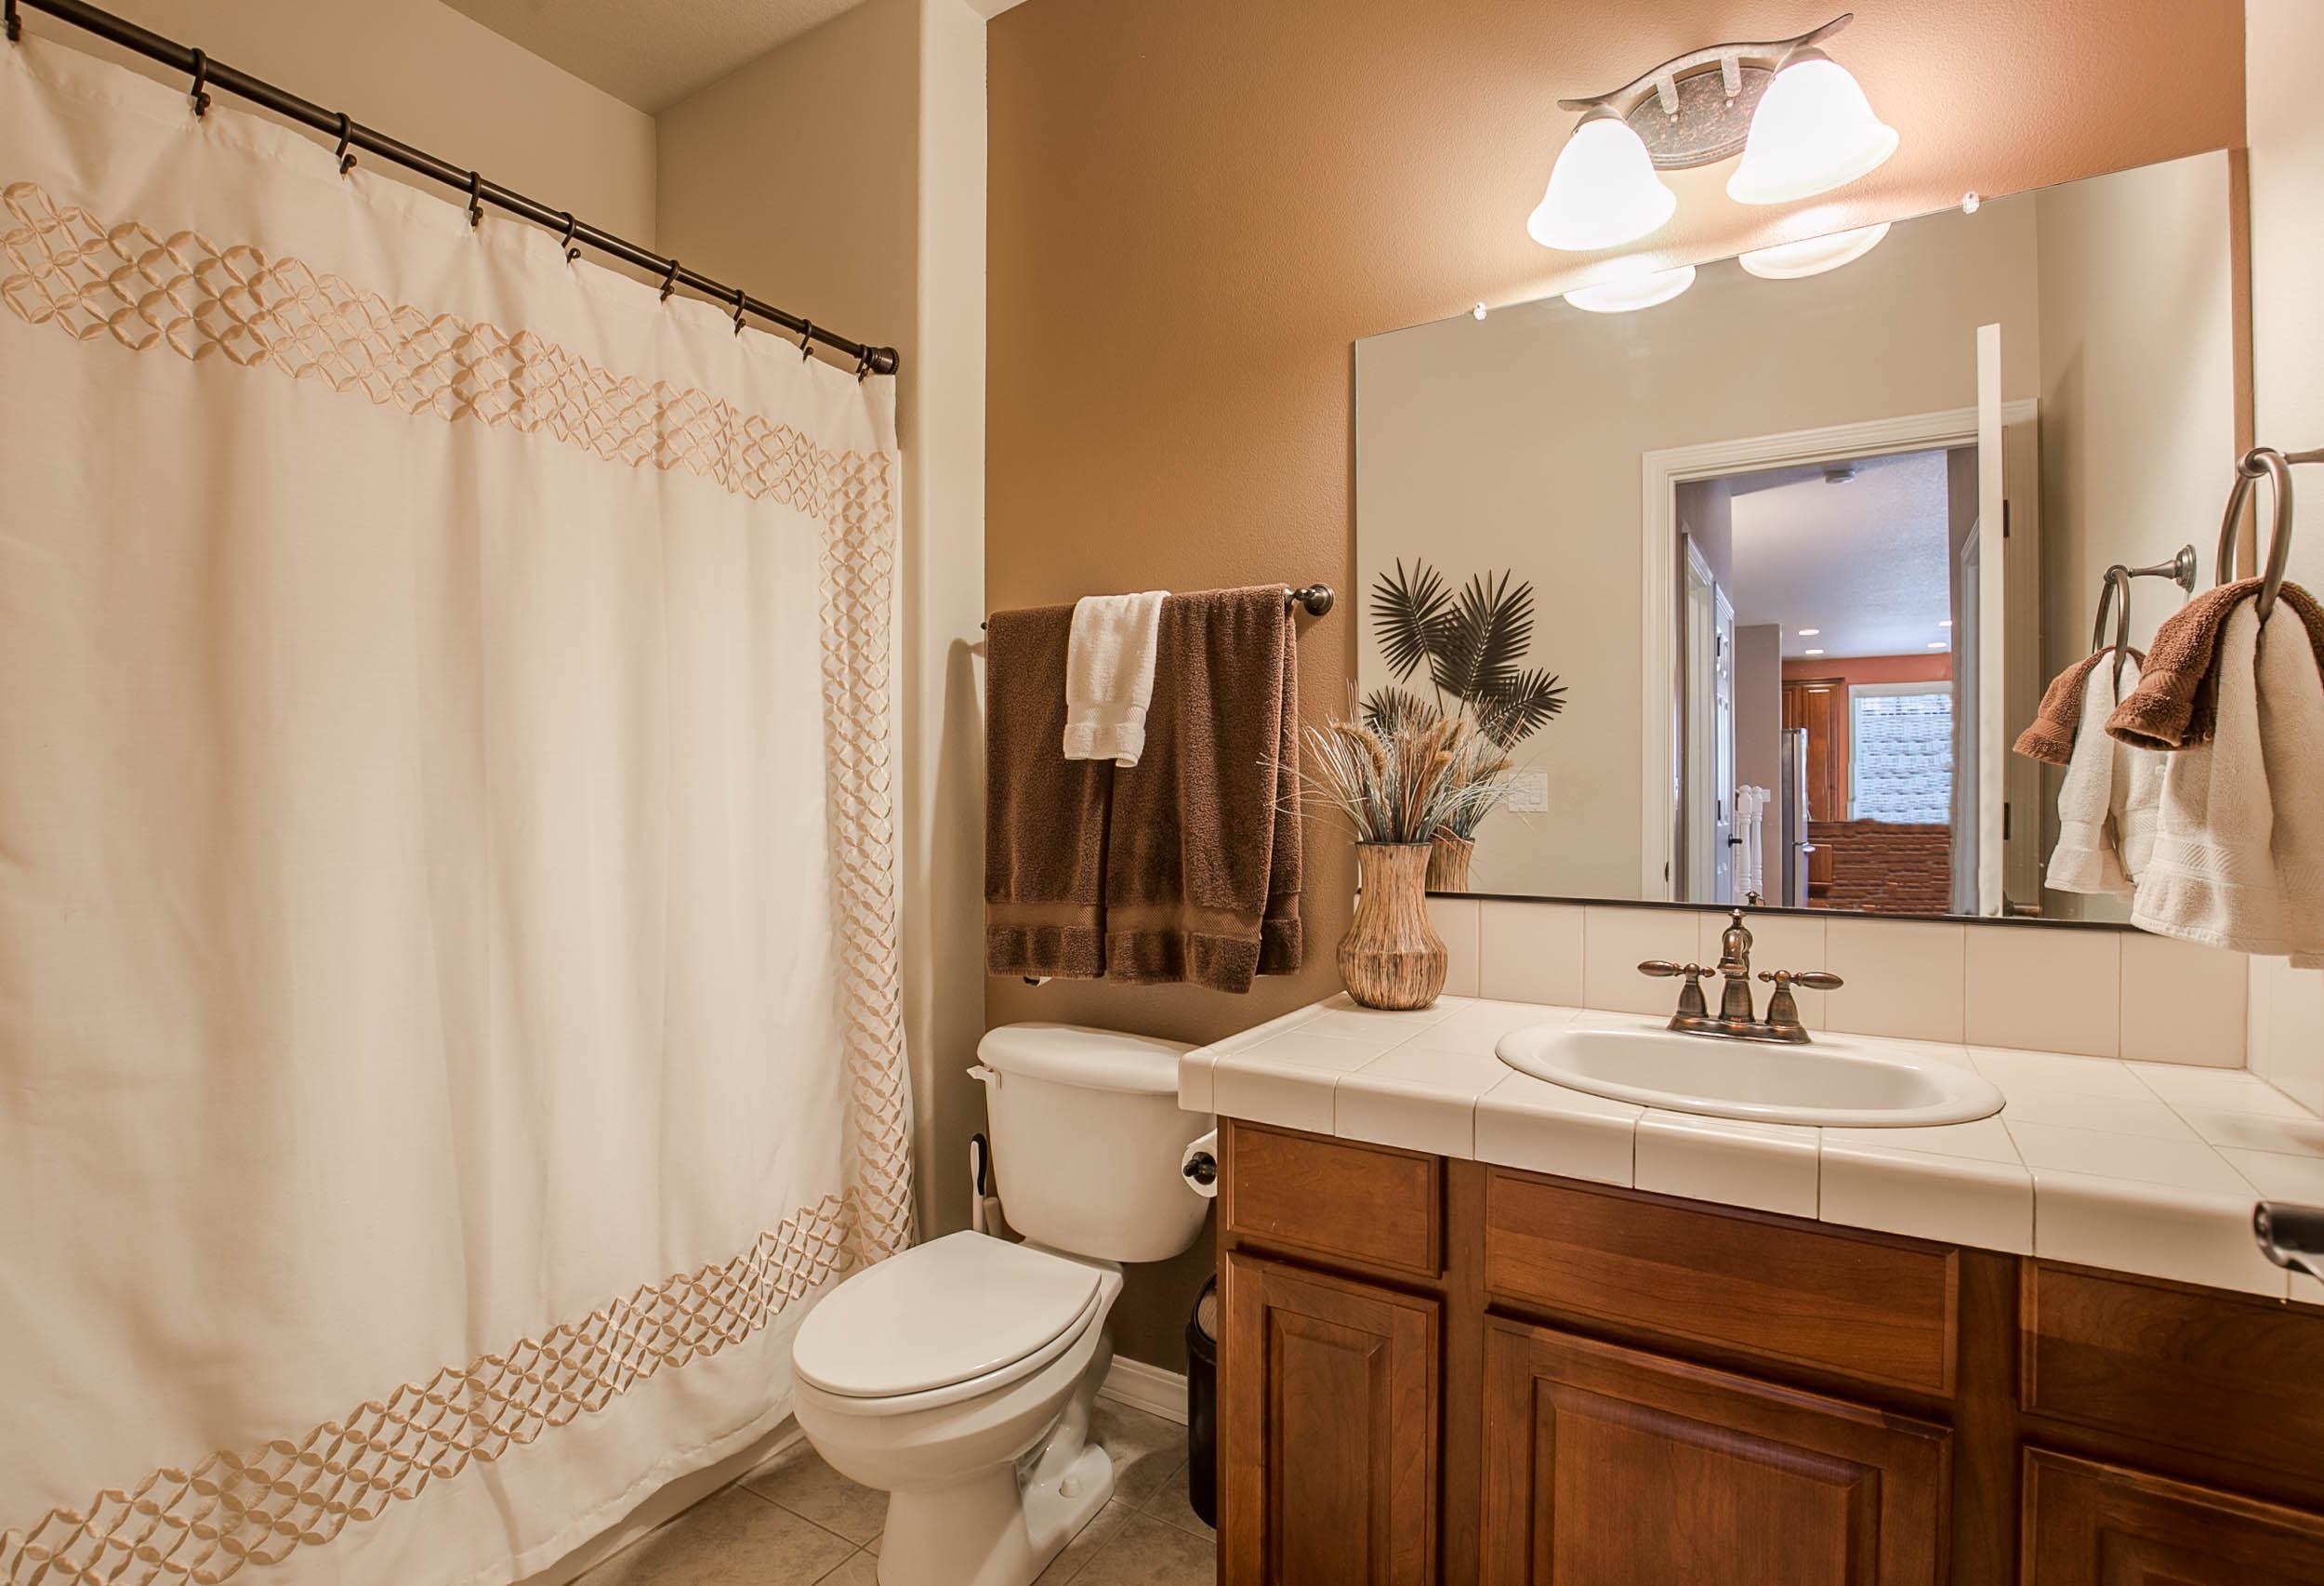 016_bathroom_MG_2775-HDR.jpg